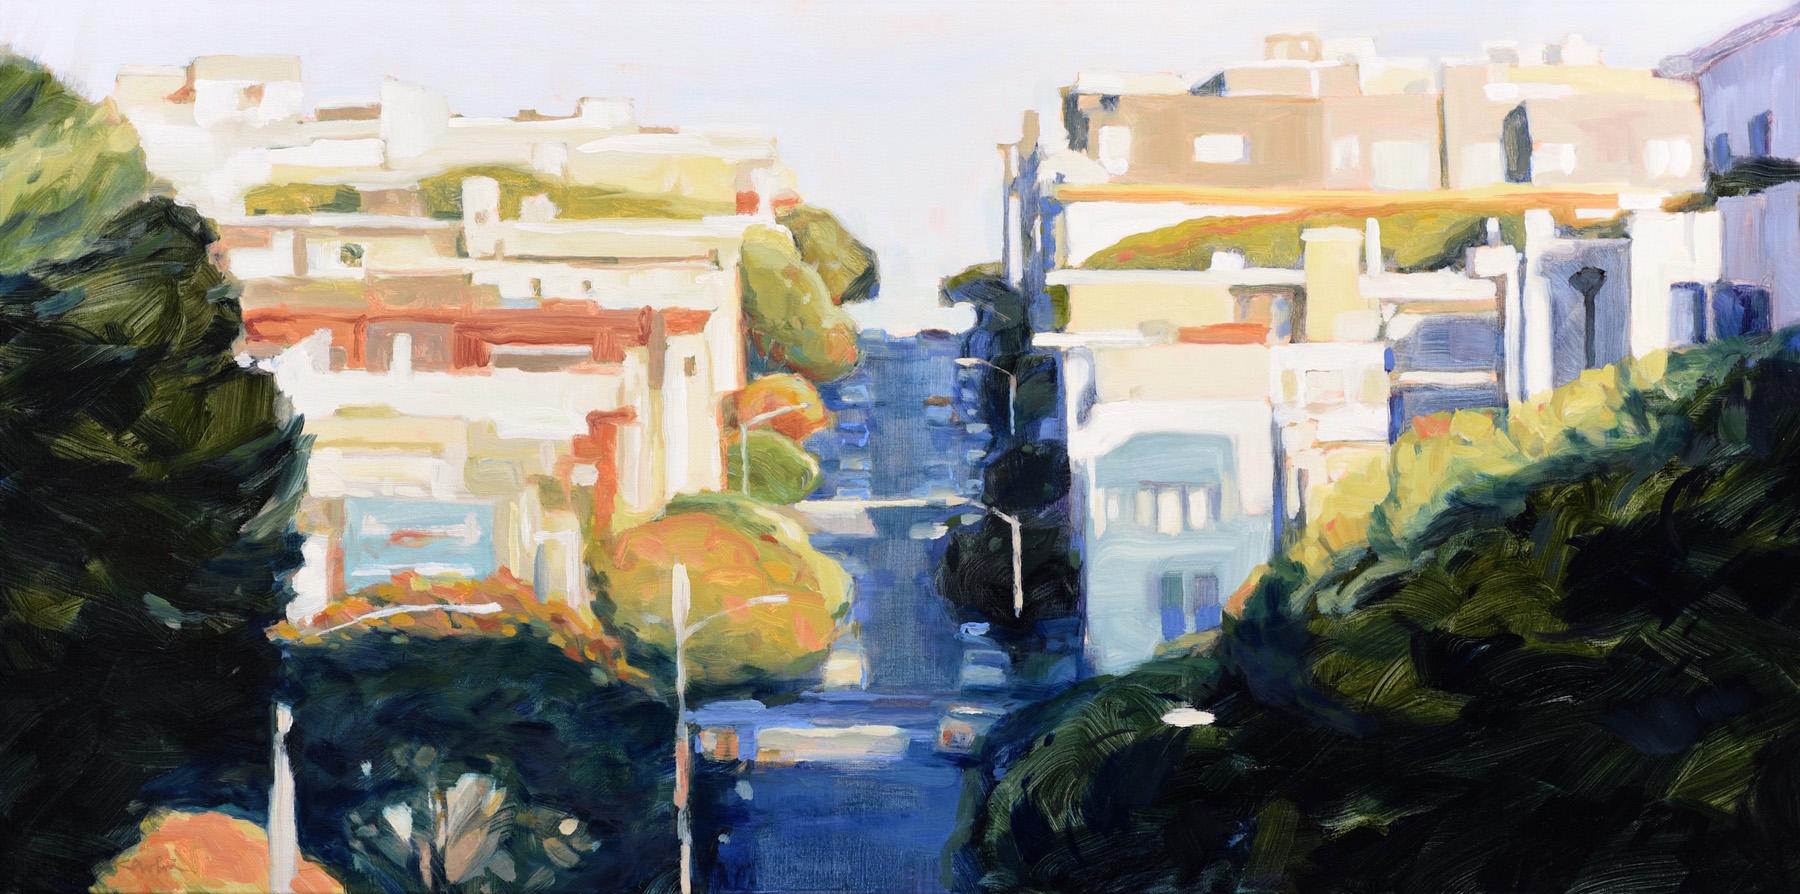 Pacific Avenue Nob Hill